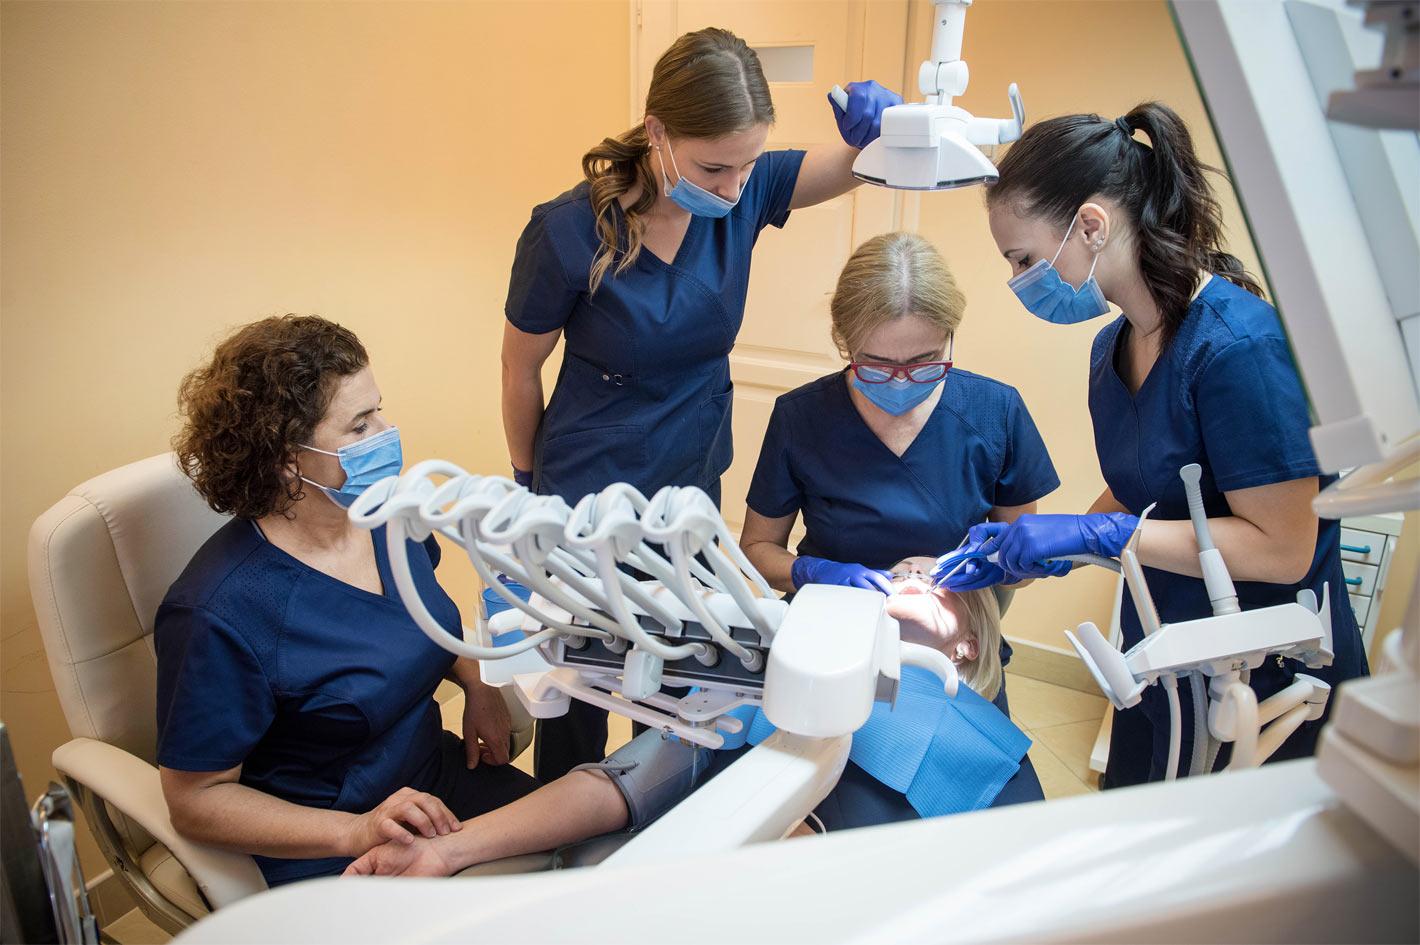 ízületi kopás artrózis kezelése gerinc és ízületek kezelése lyubertsy